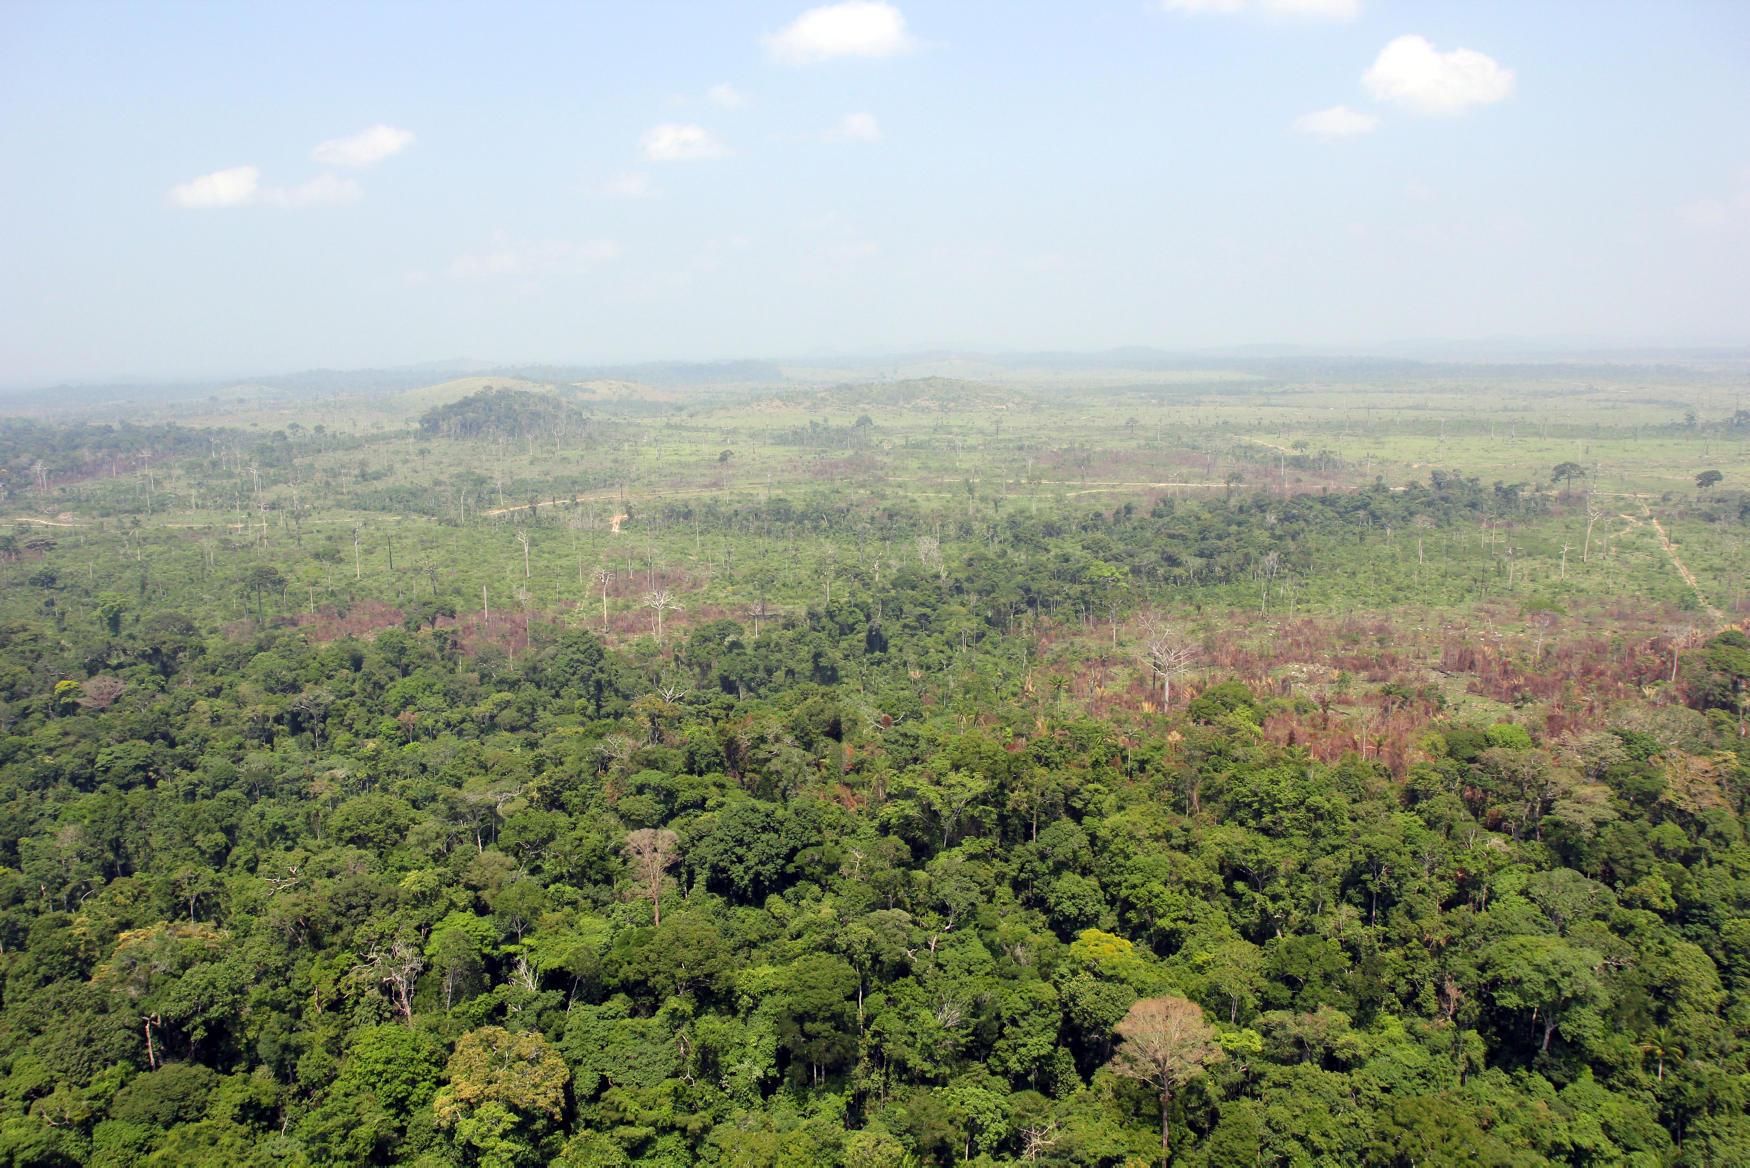 L'Amazonie, un territoire de 5,5 millions de kilomètres carrés, plus vaste que l'Union européenne.